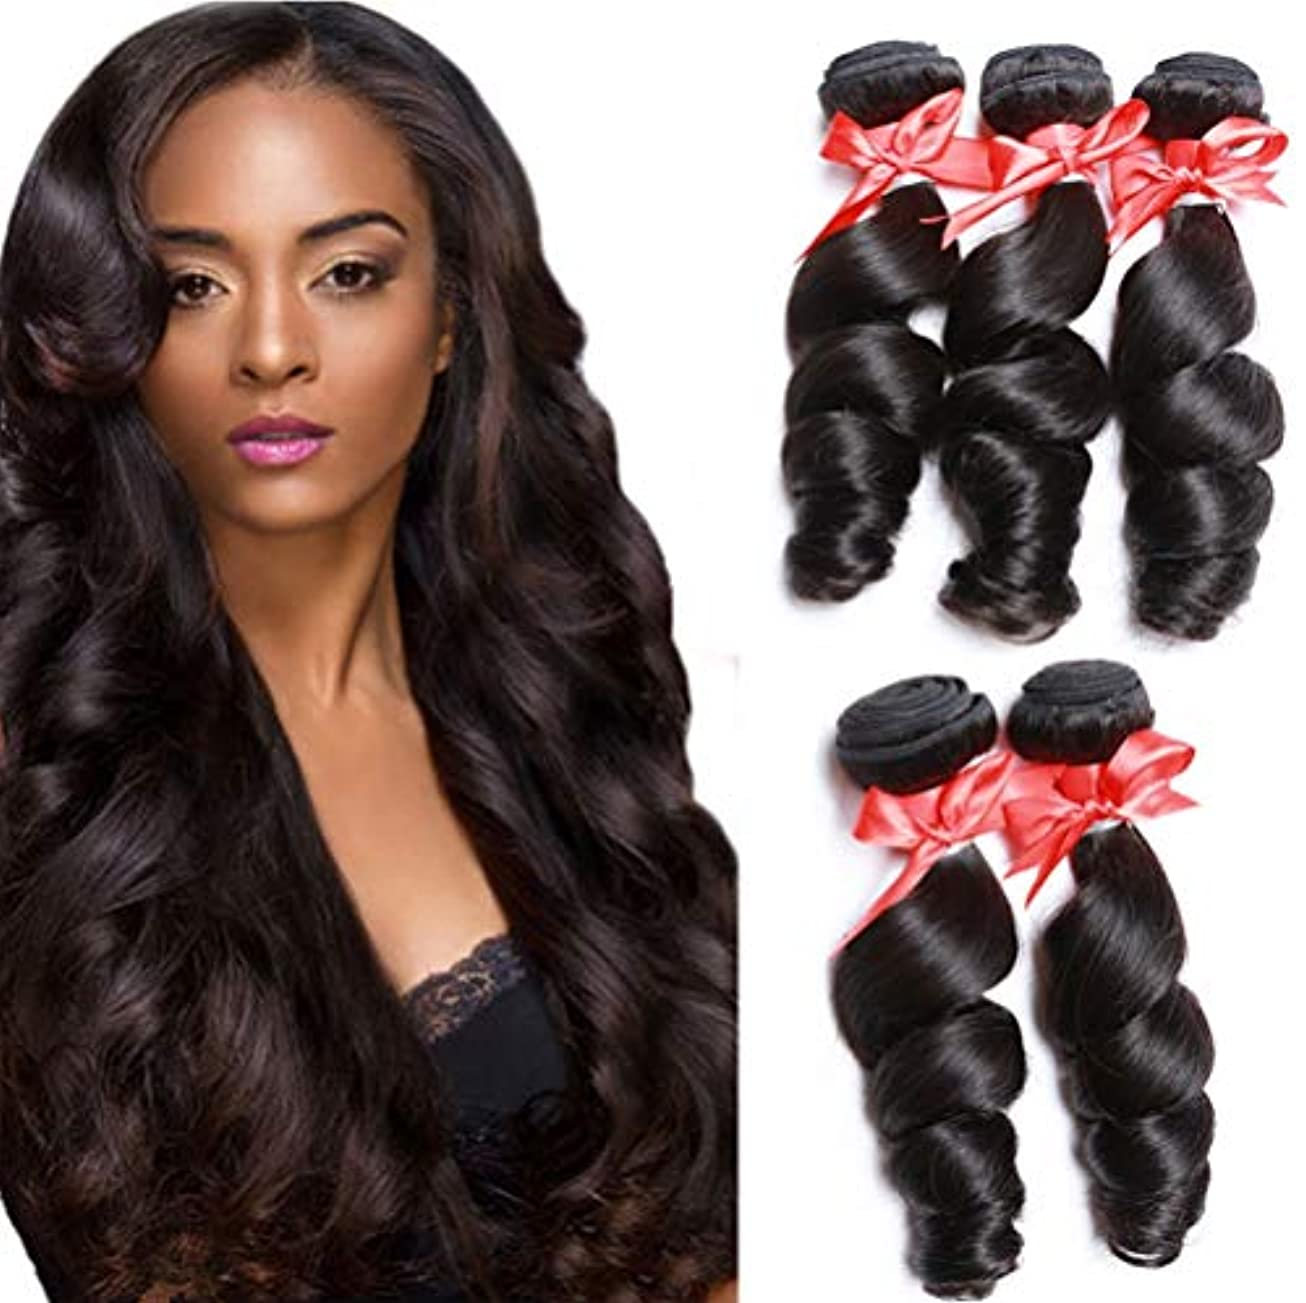 アパル試す休眠女性髪織り未処理8aブラジルバージン人間の髪緩い織り1バンドルヘアエクステンション閉鎖100グラム/バンドル